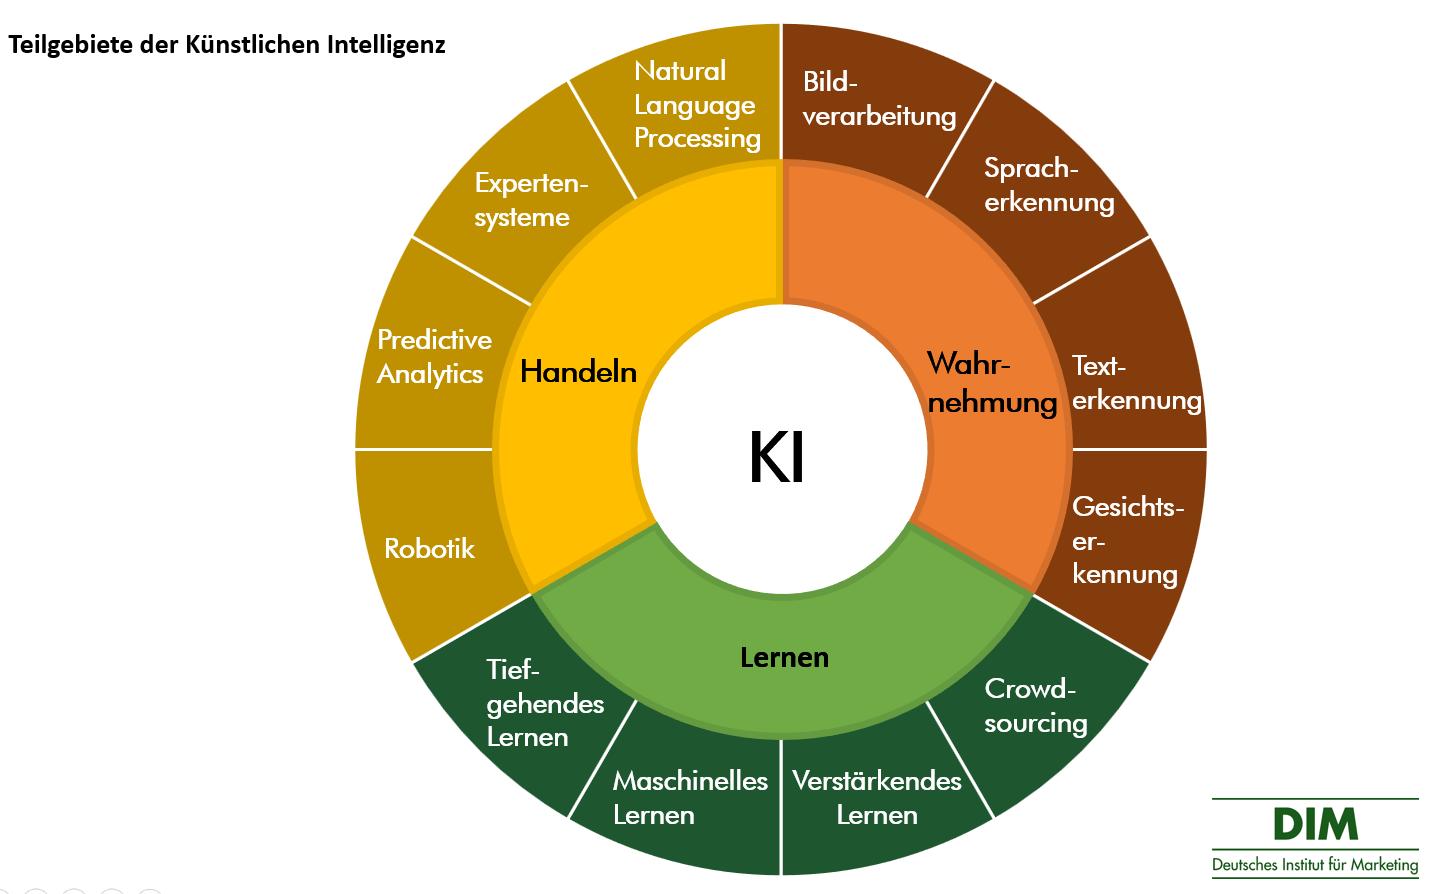 Künstliche Intelligenz - Teilgebiete